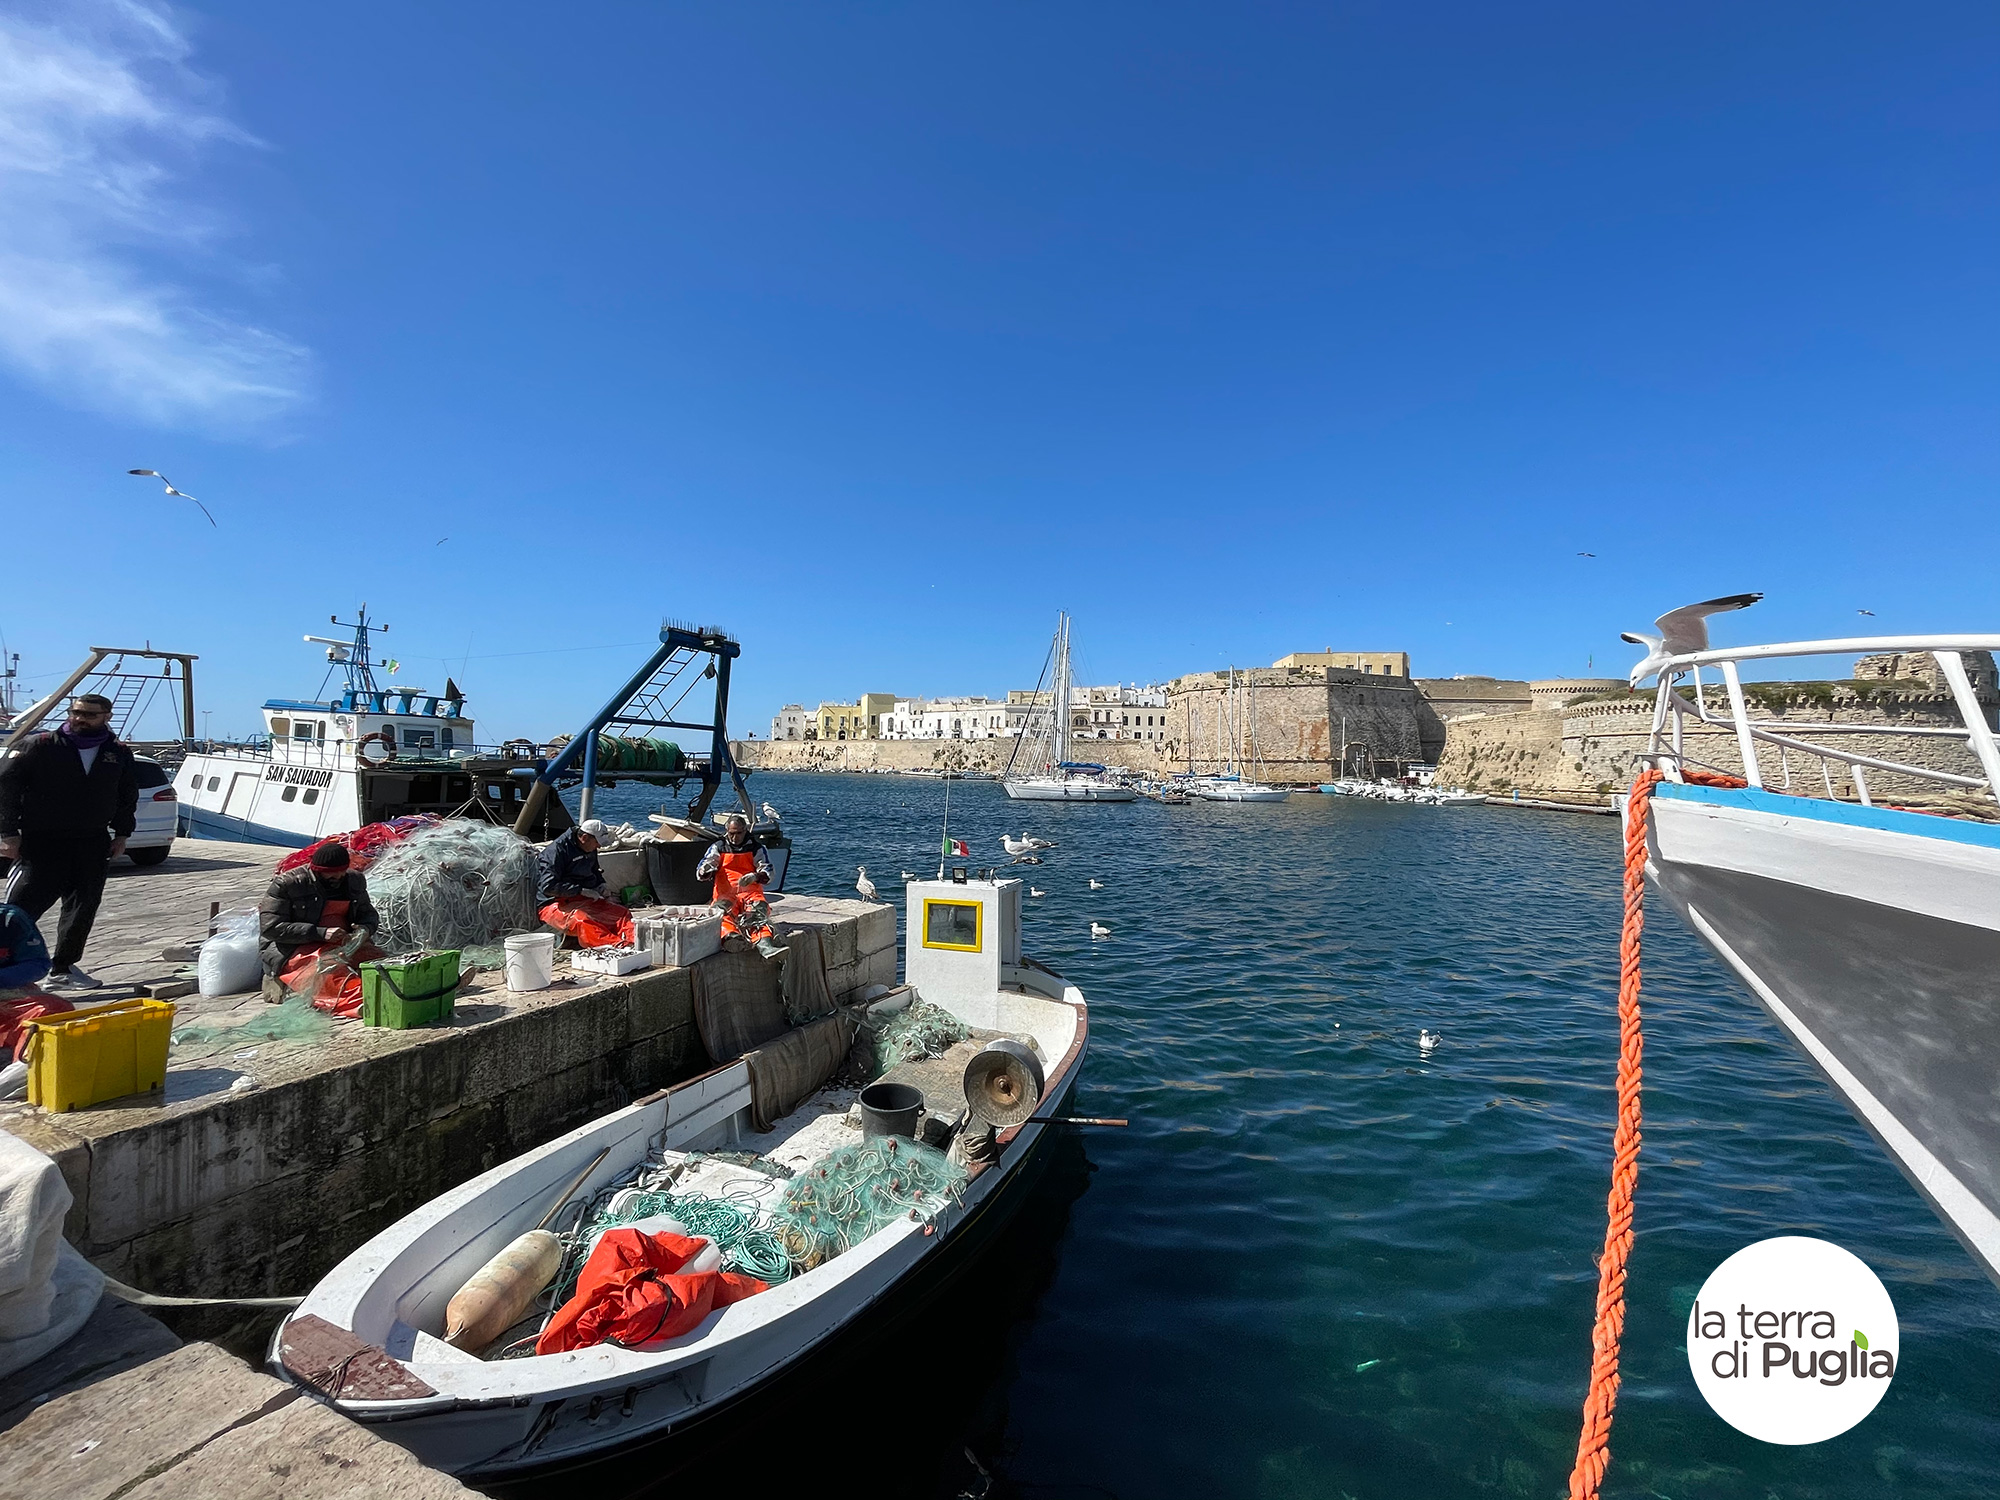 gallipoli-barche-castello-mare